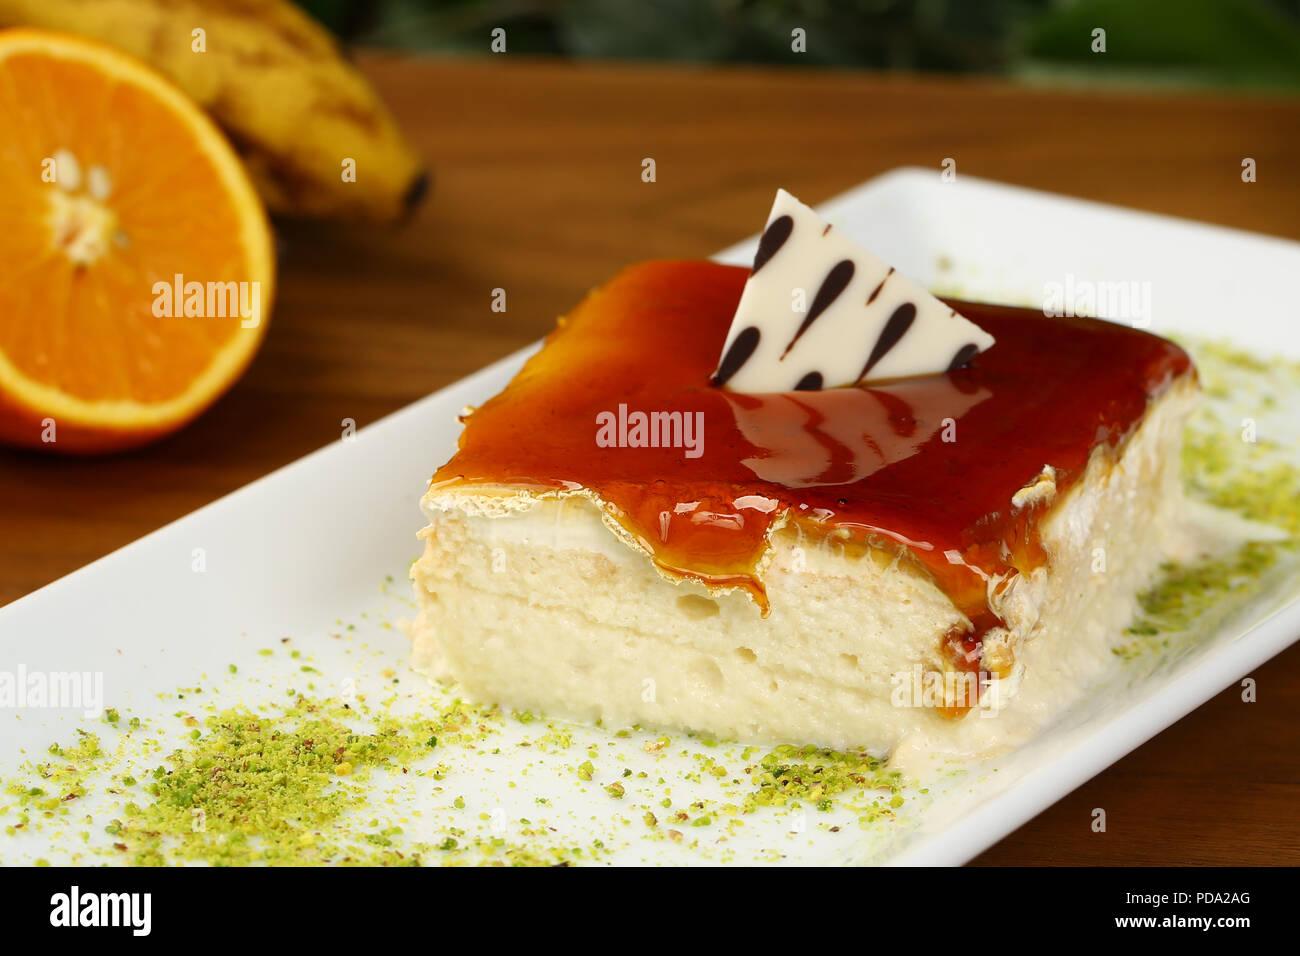 Trilece Karamell Milchprodukte Nachtisch Kuchen Stockfoto Bild